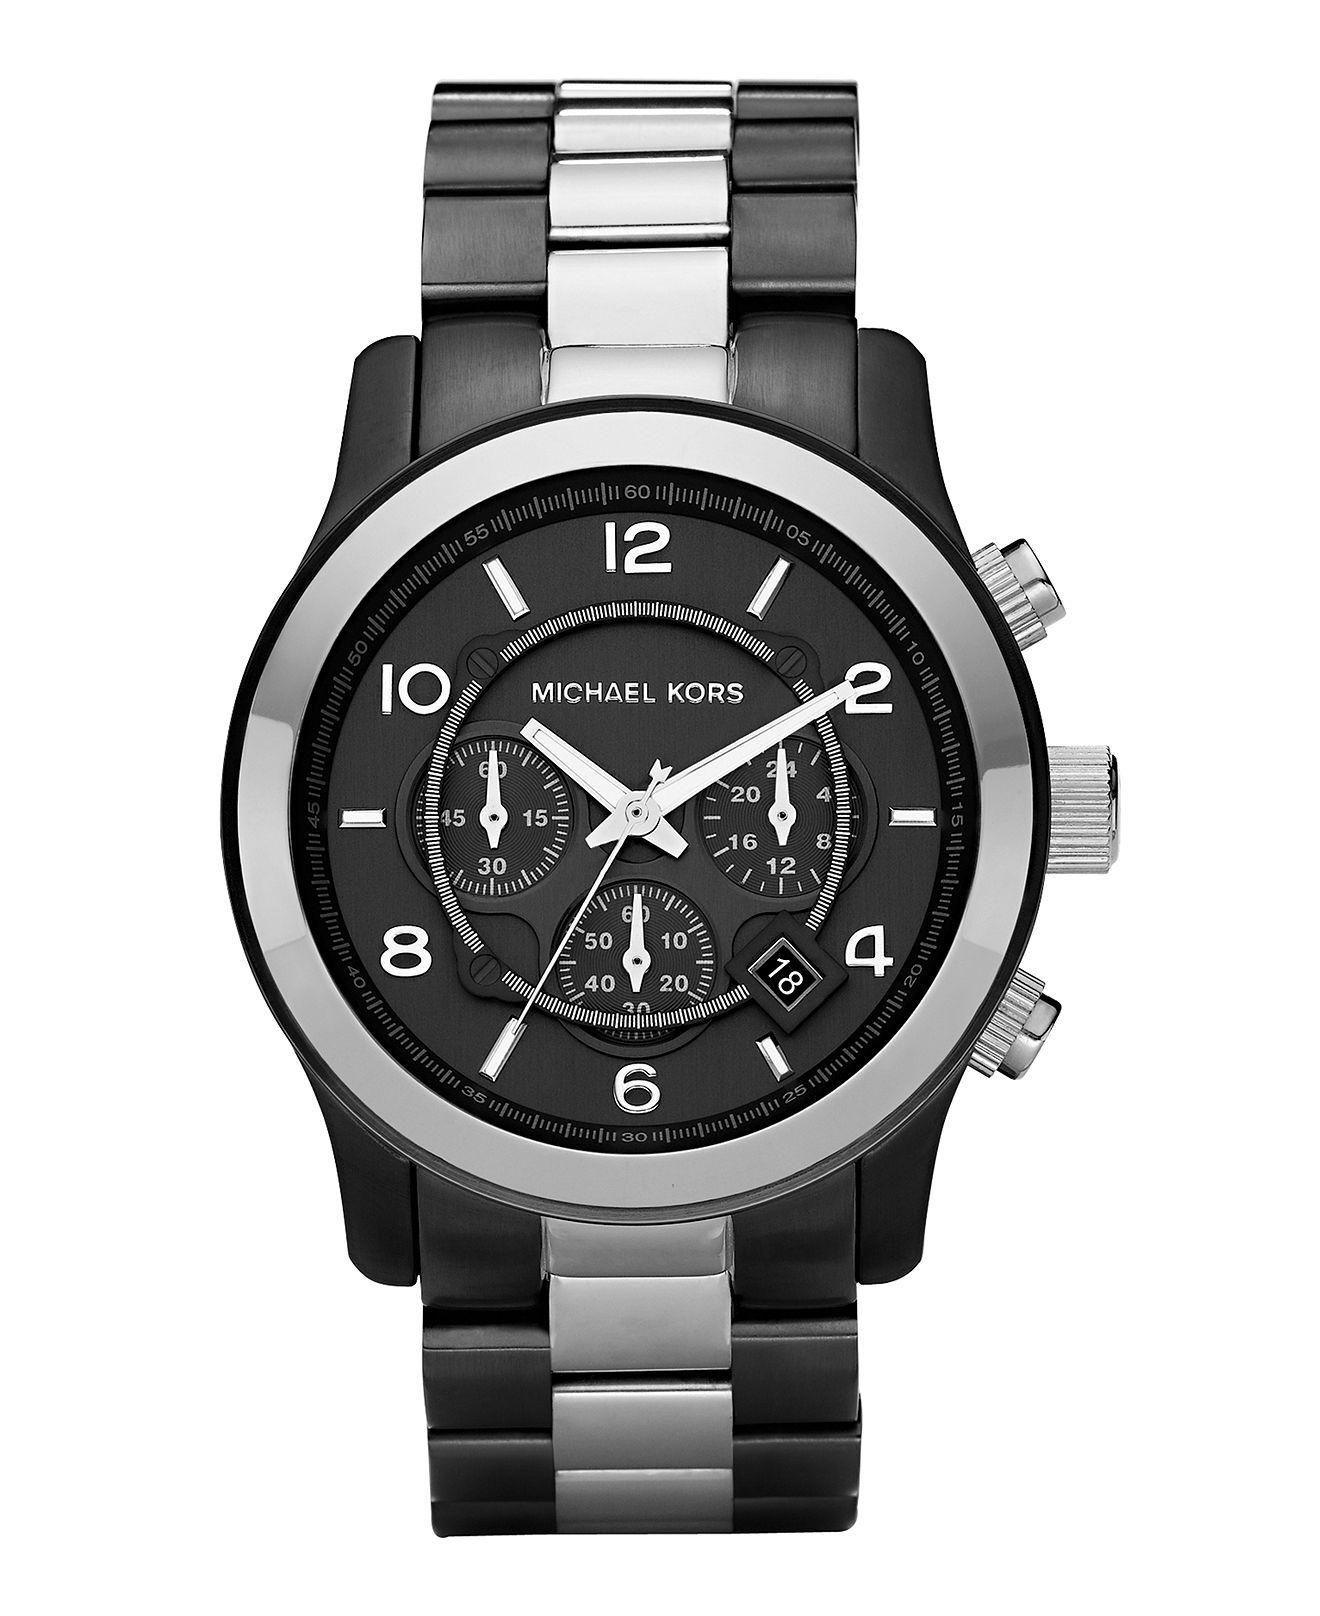 b18e0ba6da26 Michael Kors Watch